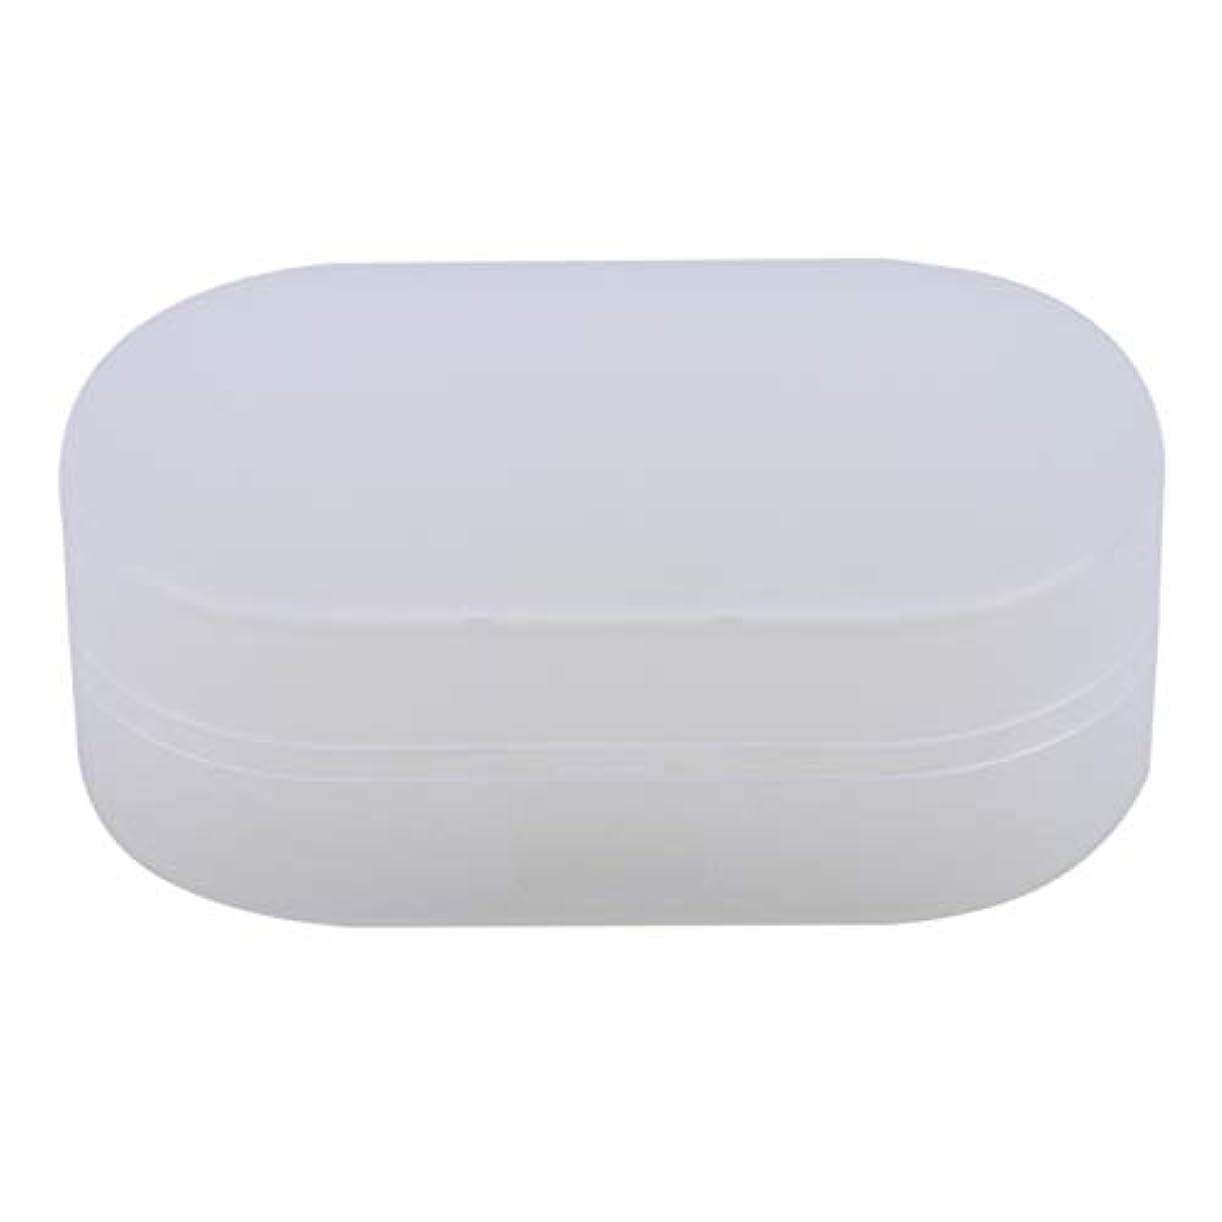 温度端ビールZALINGソープボックスホルダーソープディッシュソープセーバーケースコンテナ用バスルームキャンプホワイト